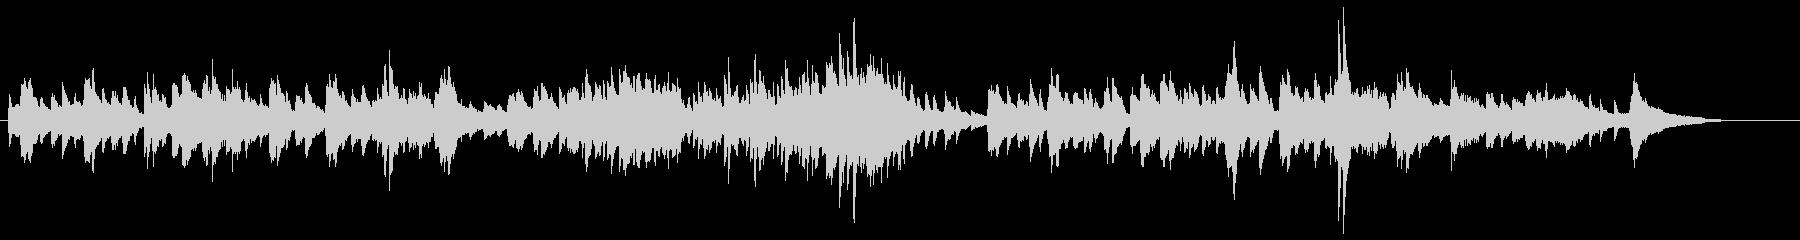 美しいピアニスティックなワルツの未再生の波形